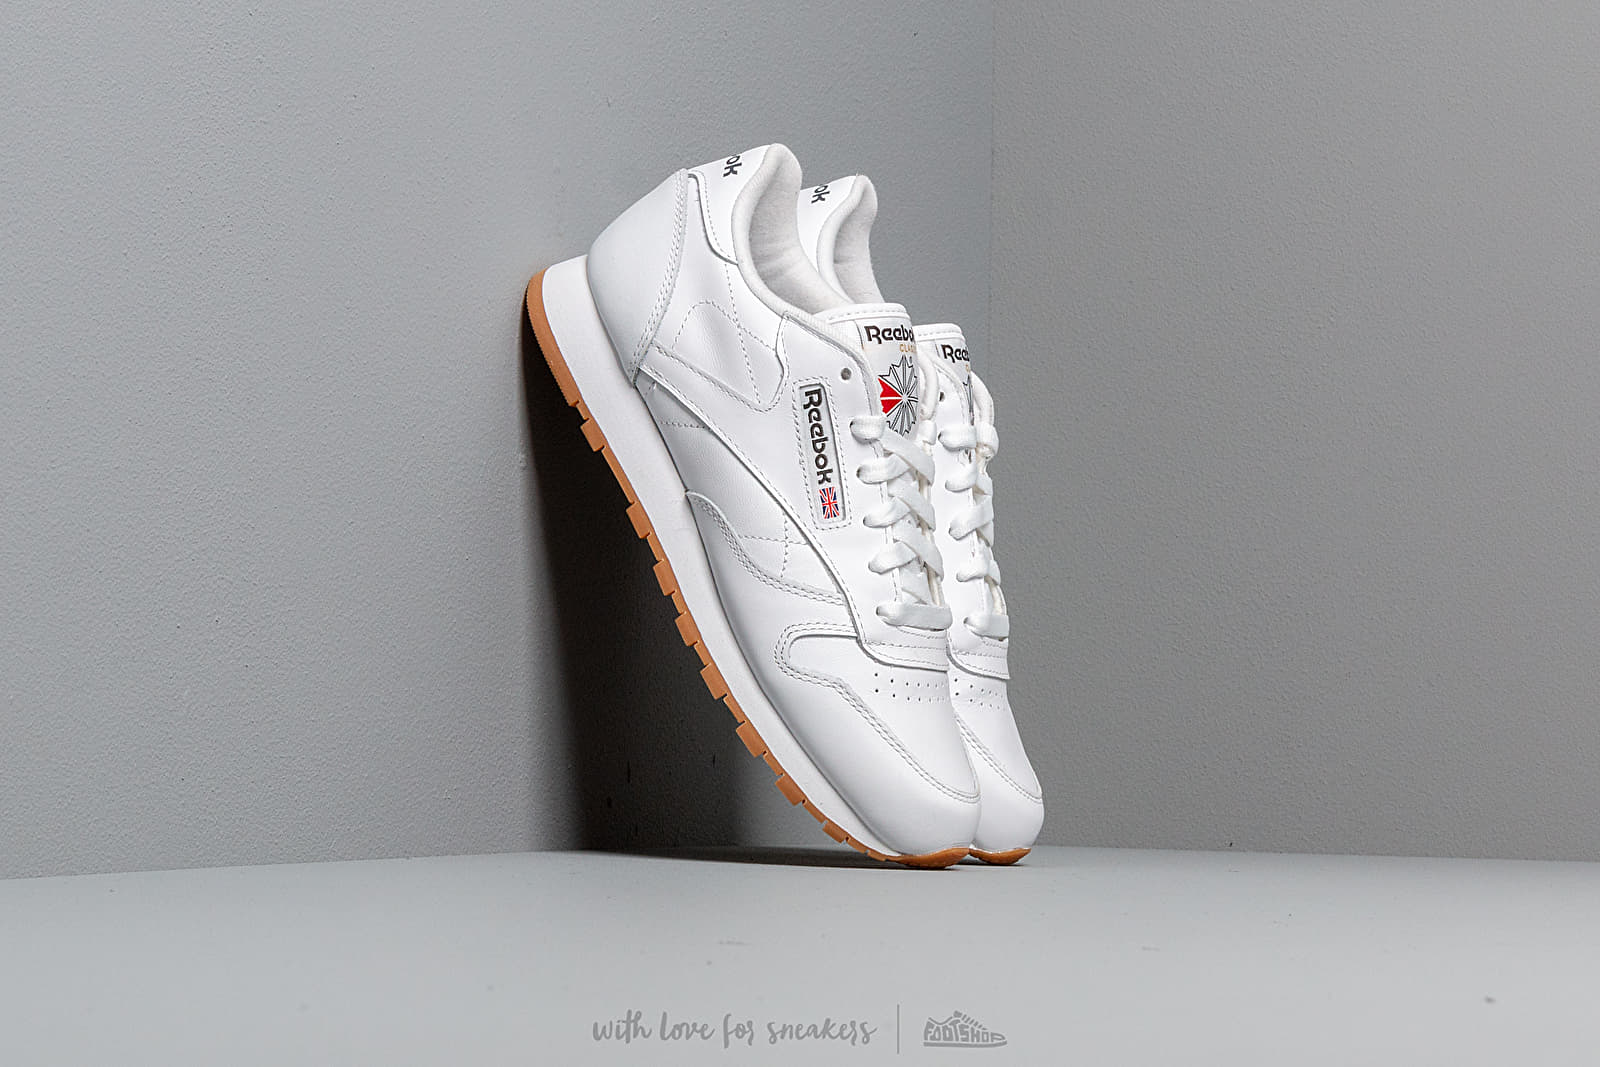 Reebok Classic Leather White/ Gum za skvělou cenu 2 440 Kč koupíte na Footshop.cz